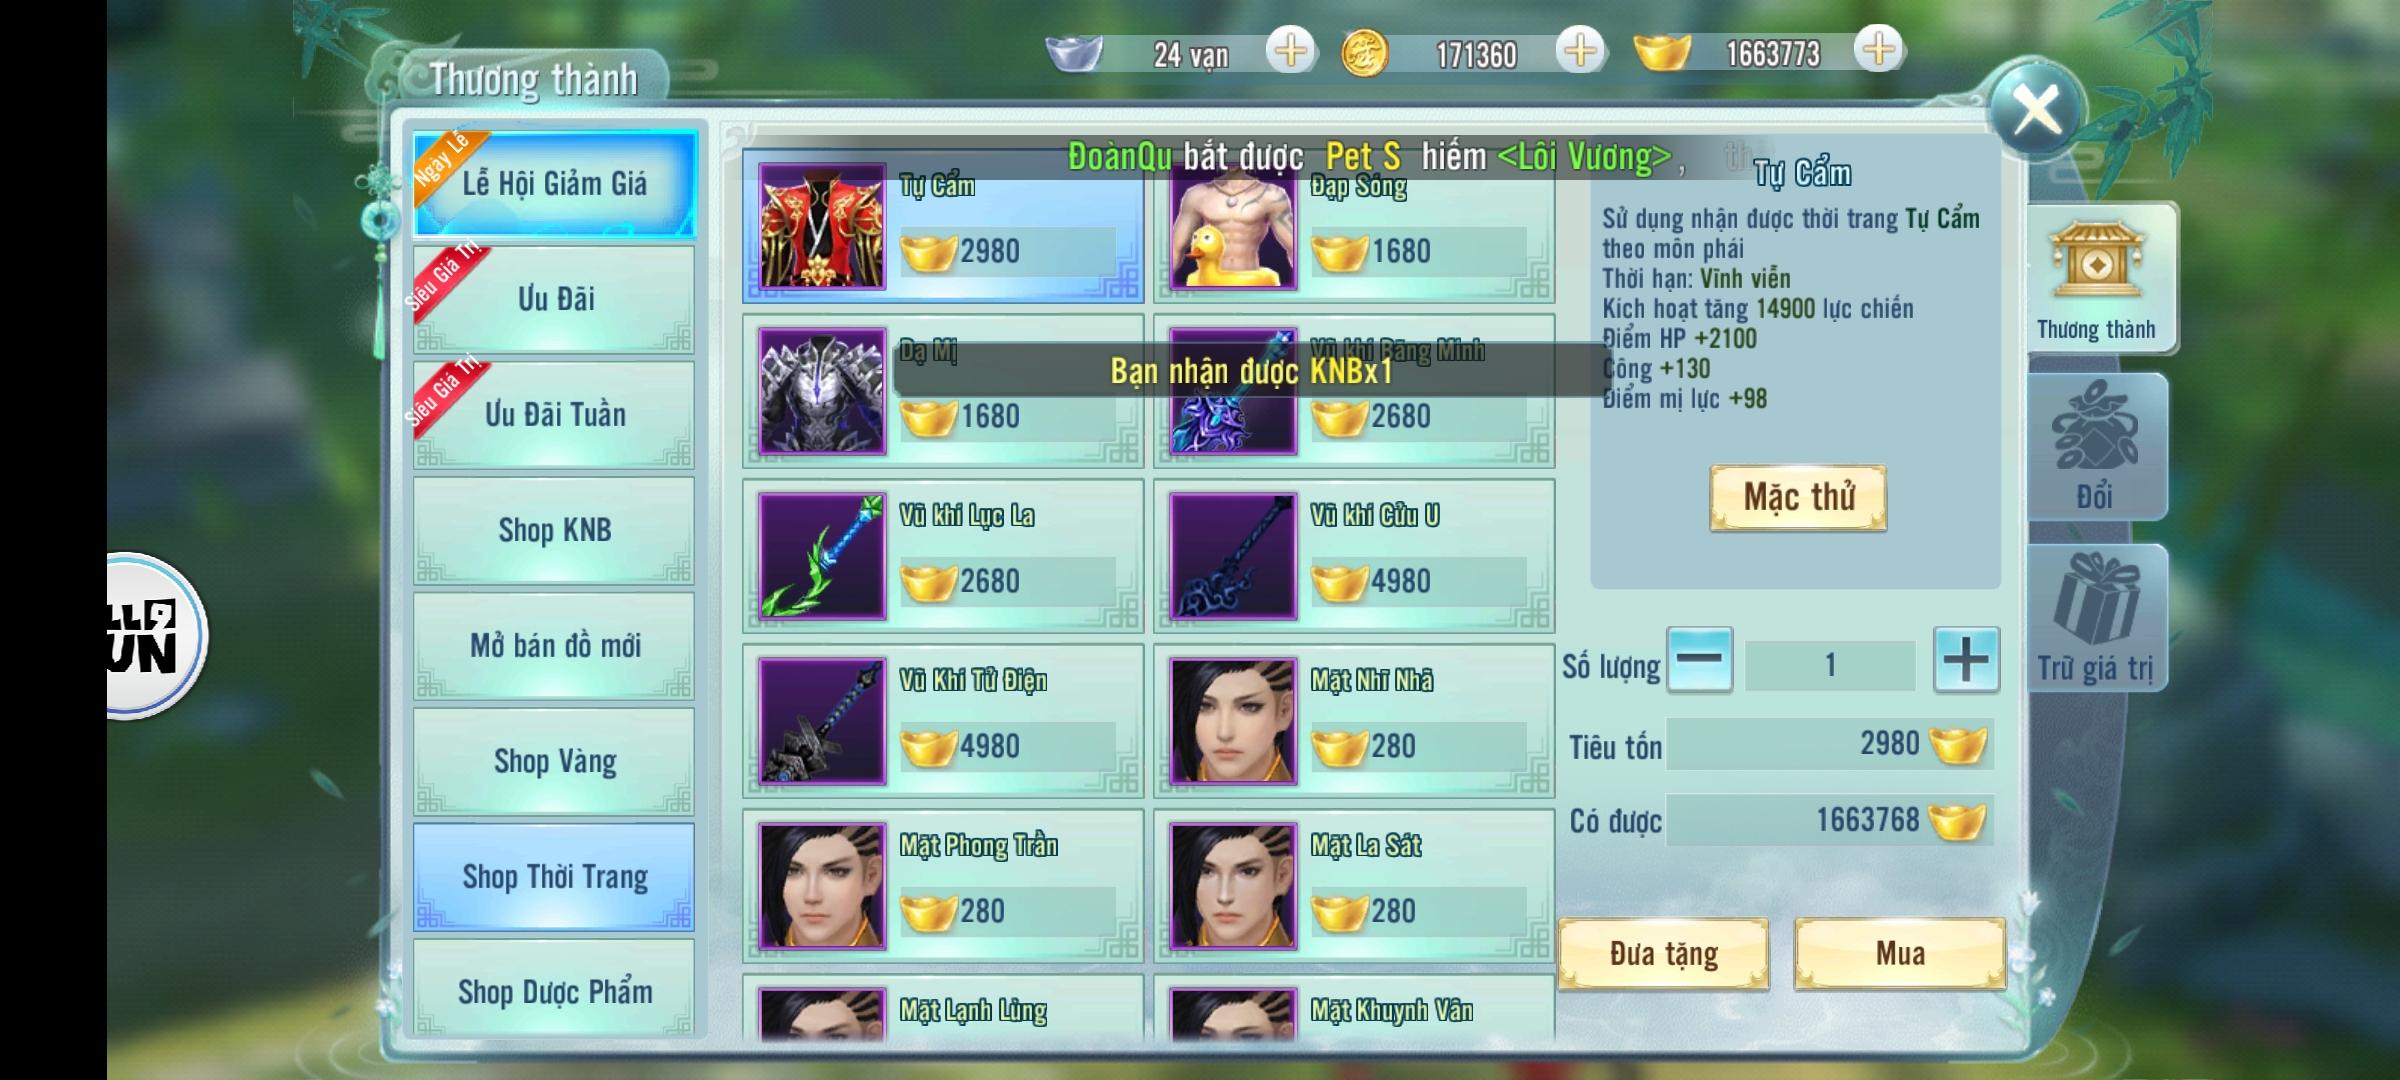 Nhất Kiếm Giang Hồ Private   Free VIP 22   999999 KNB   Đầu Game Lv.35   Train Quái Rớt KNB 3